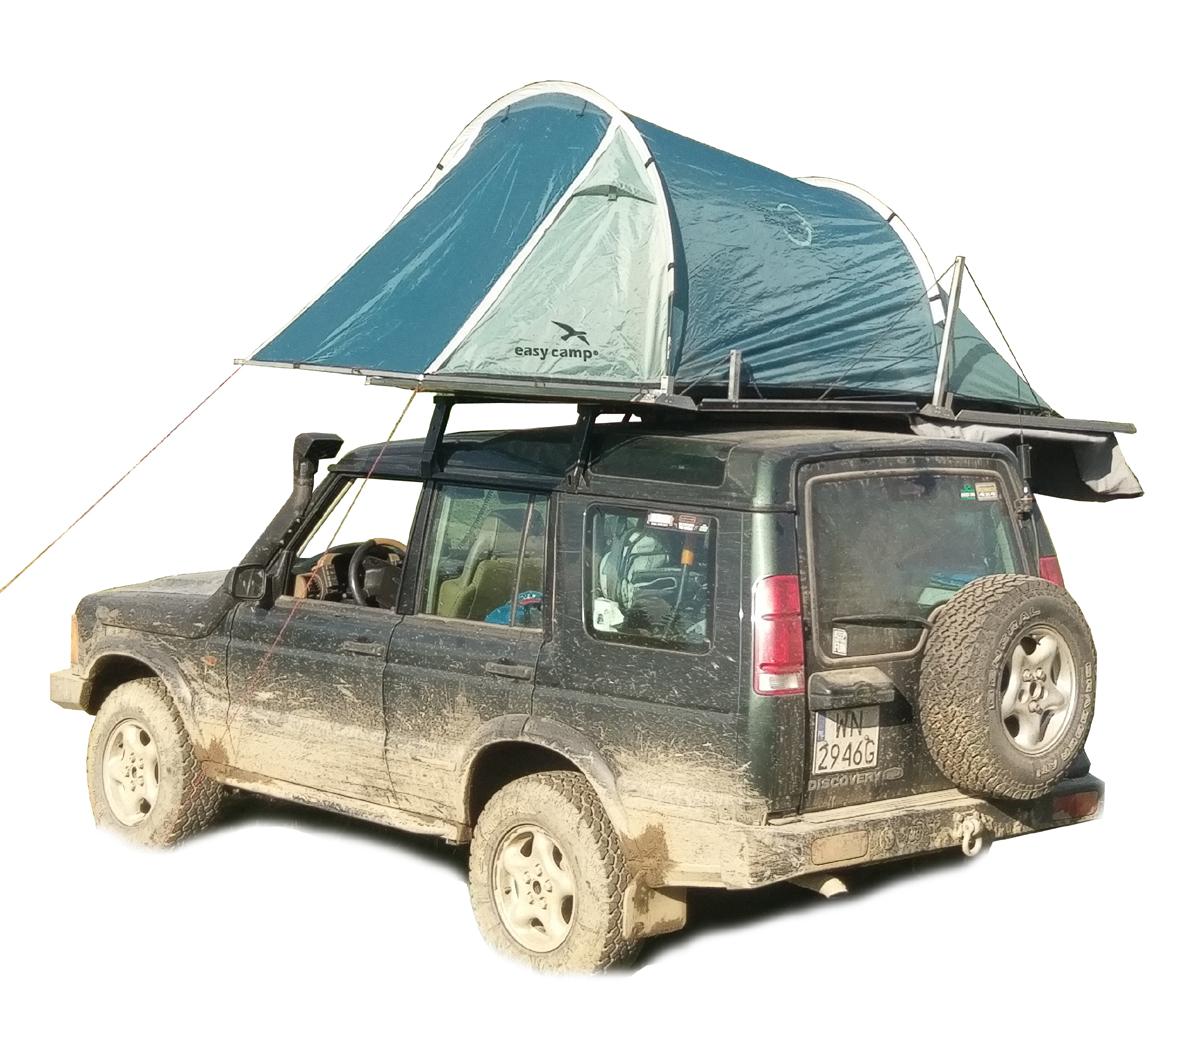 tani namiot dachowy własnej konstrukcji naLand Rover Discovery II